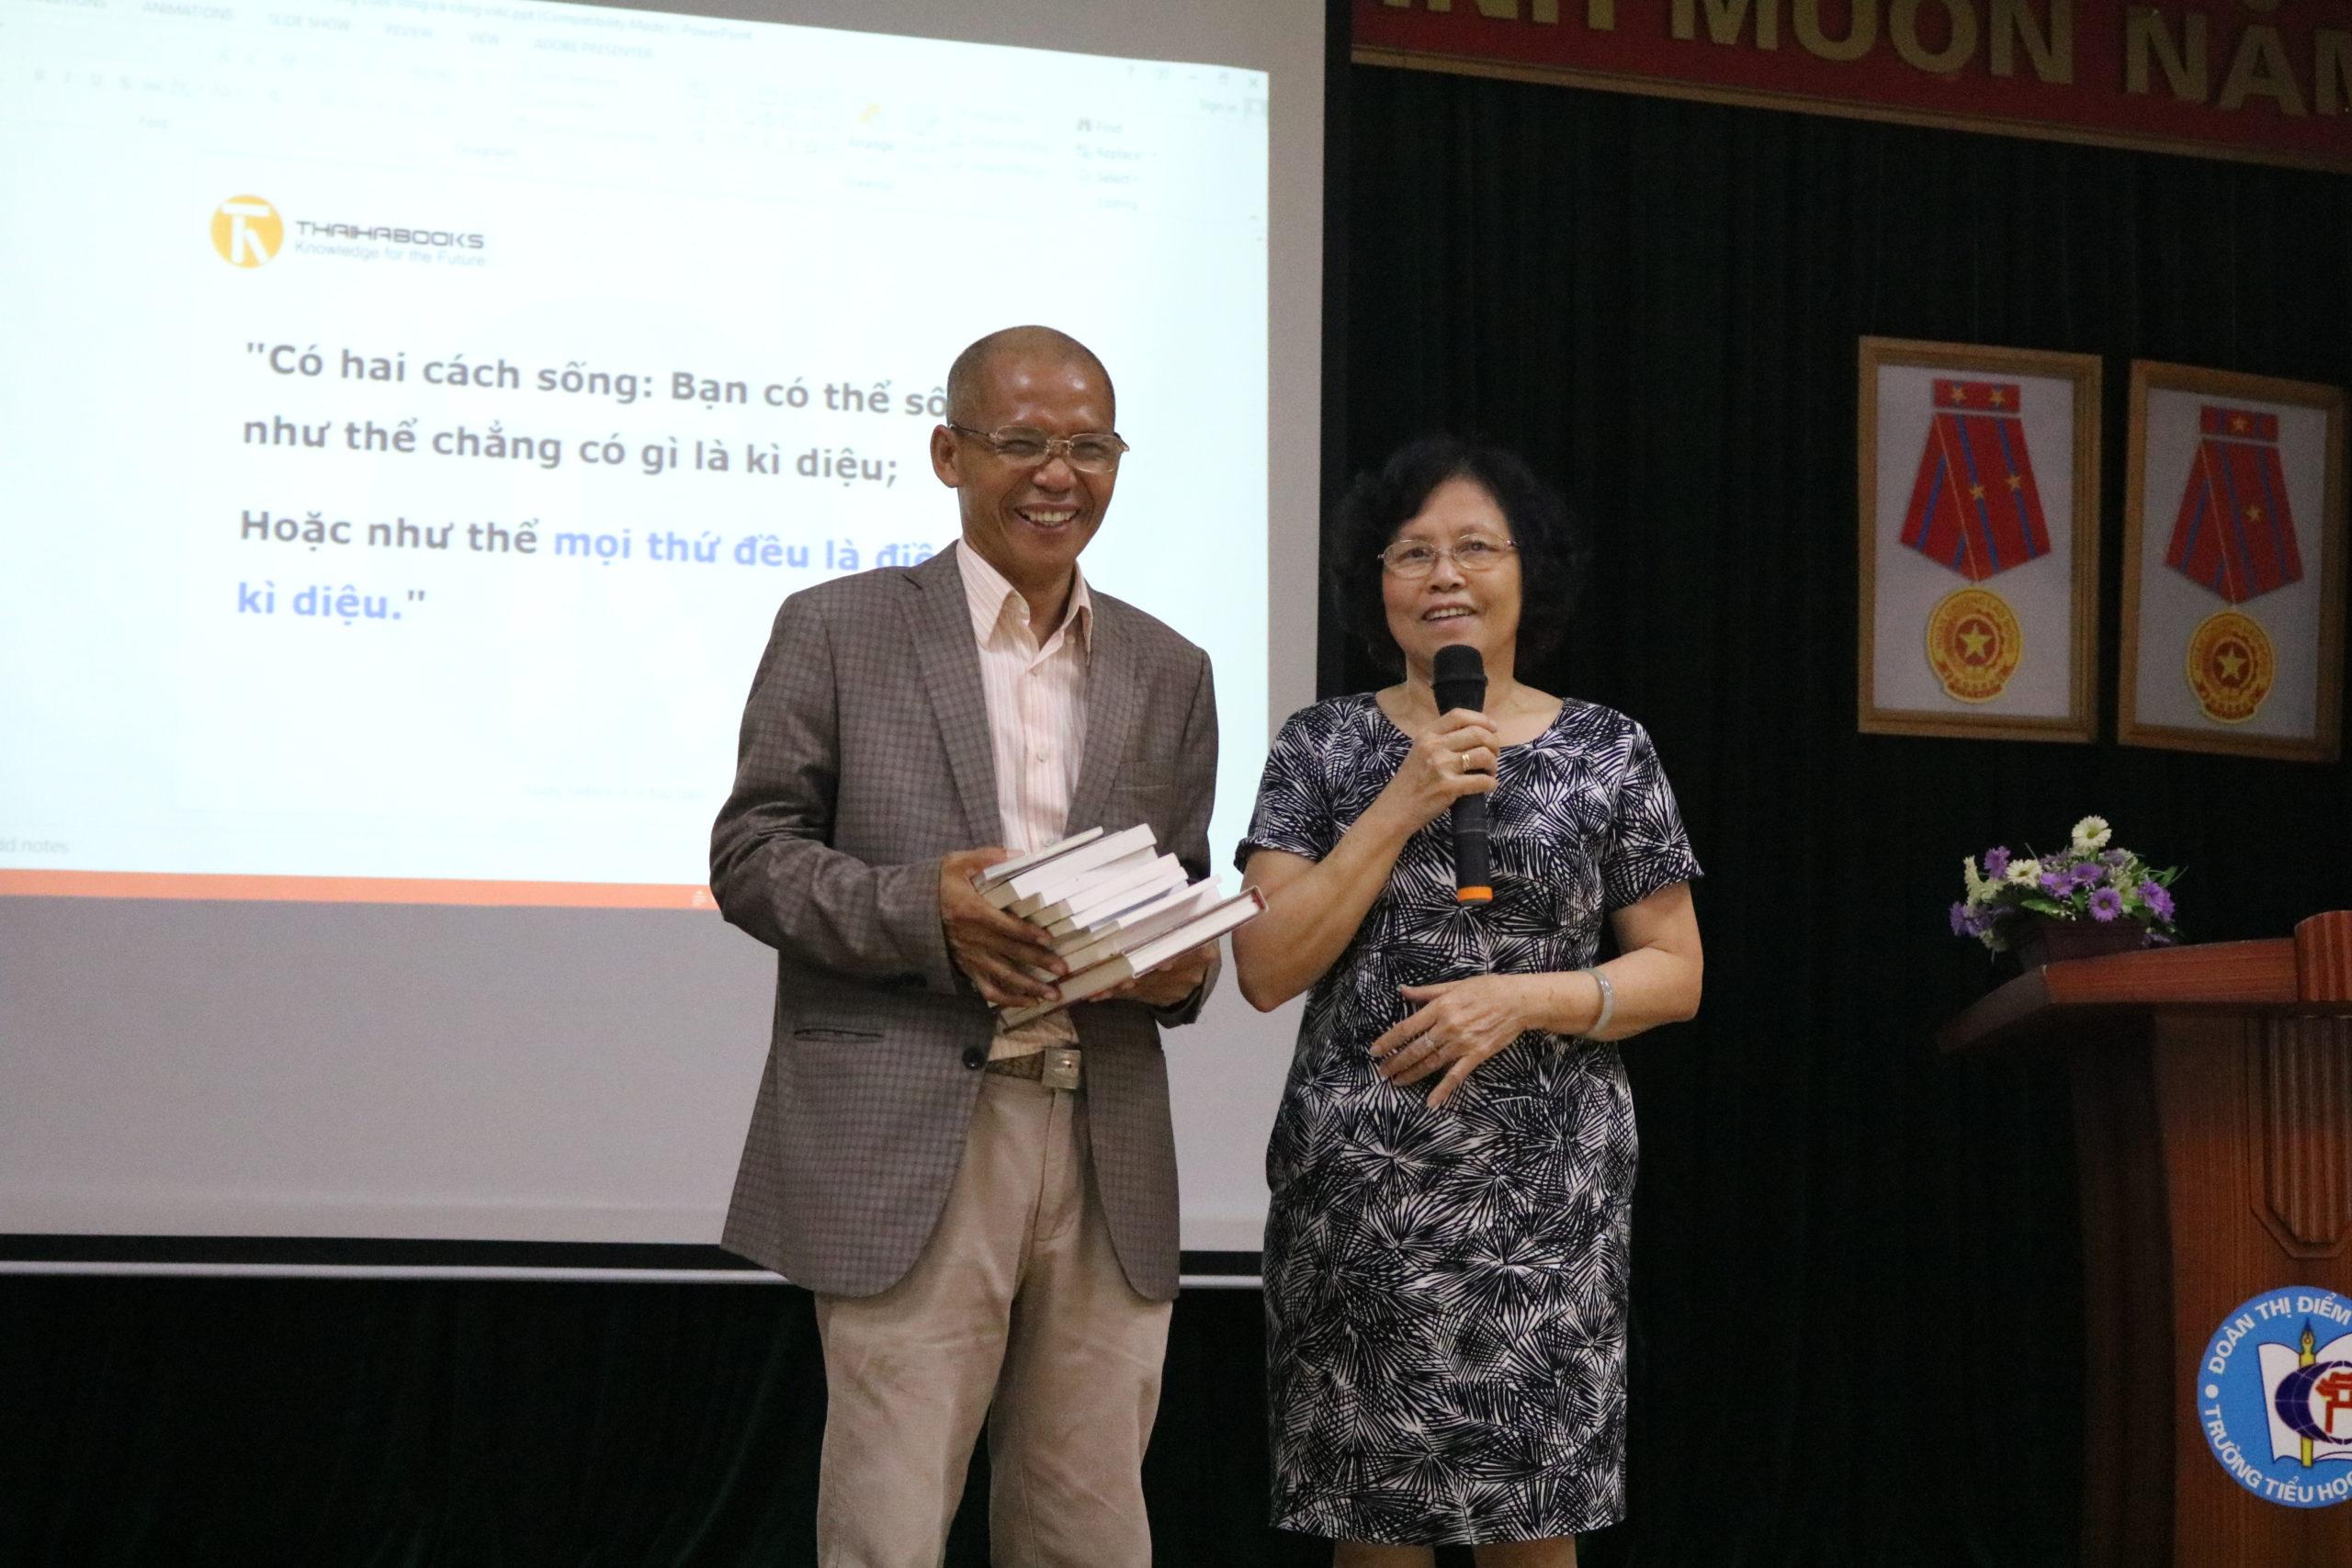 """Ts. Nguyễn Mạnh Hùng: """" Chữ tâm kia mới bằng ba chữ tài"""""""